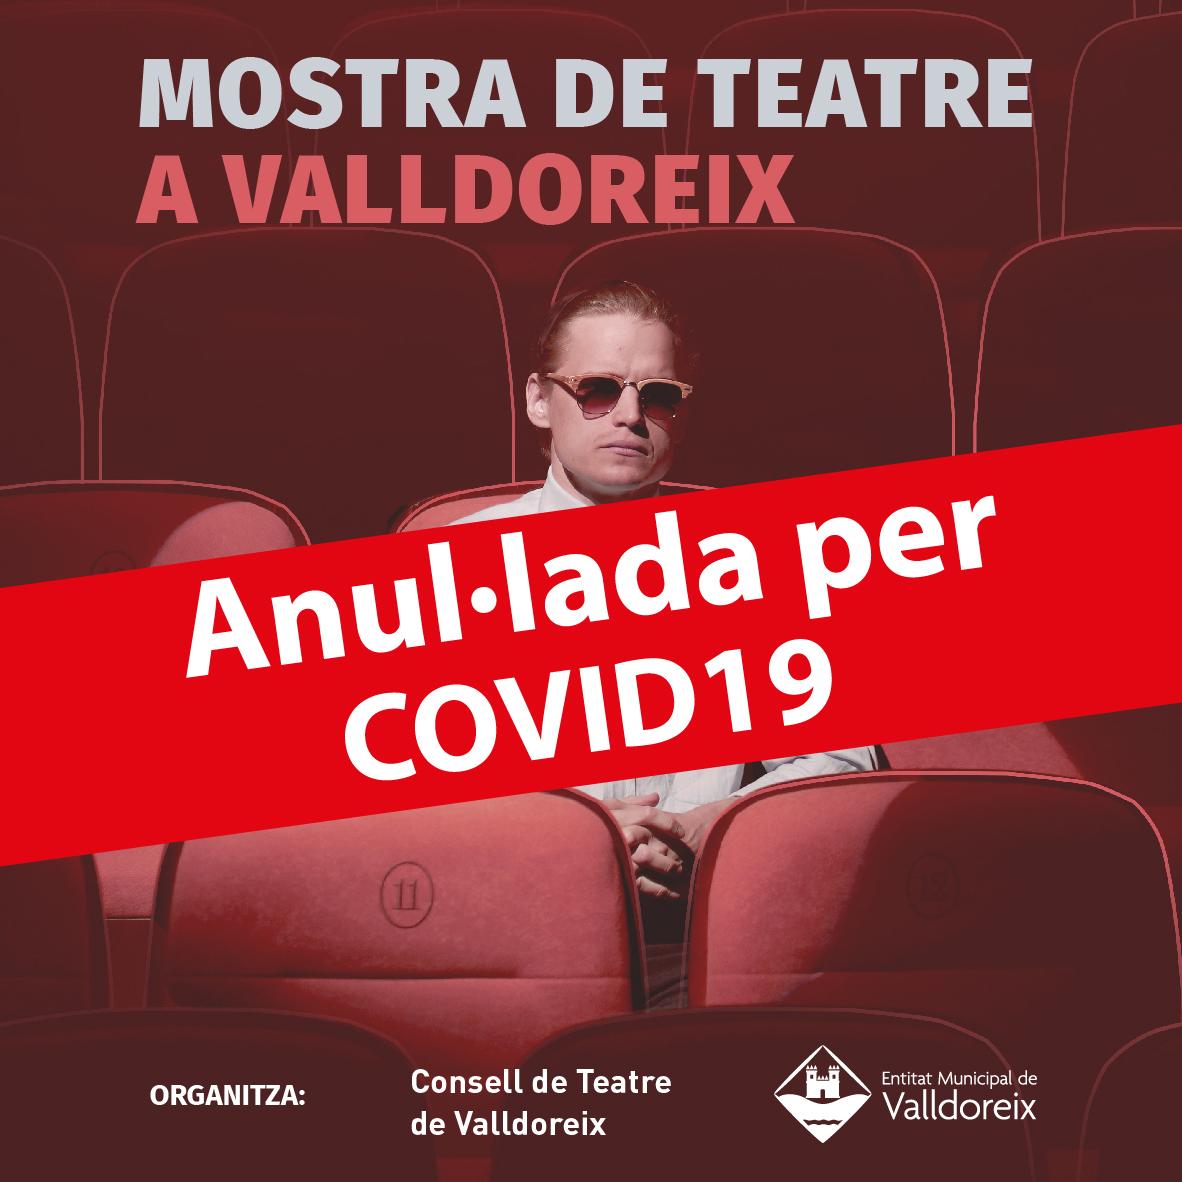 La segona onada de la Covid-19 provoca l'anul·lació de la Mostra de Teatre a Valldoreix 2020